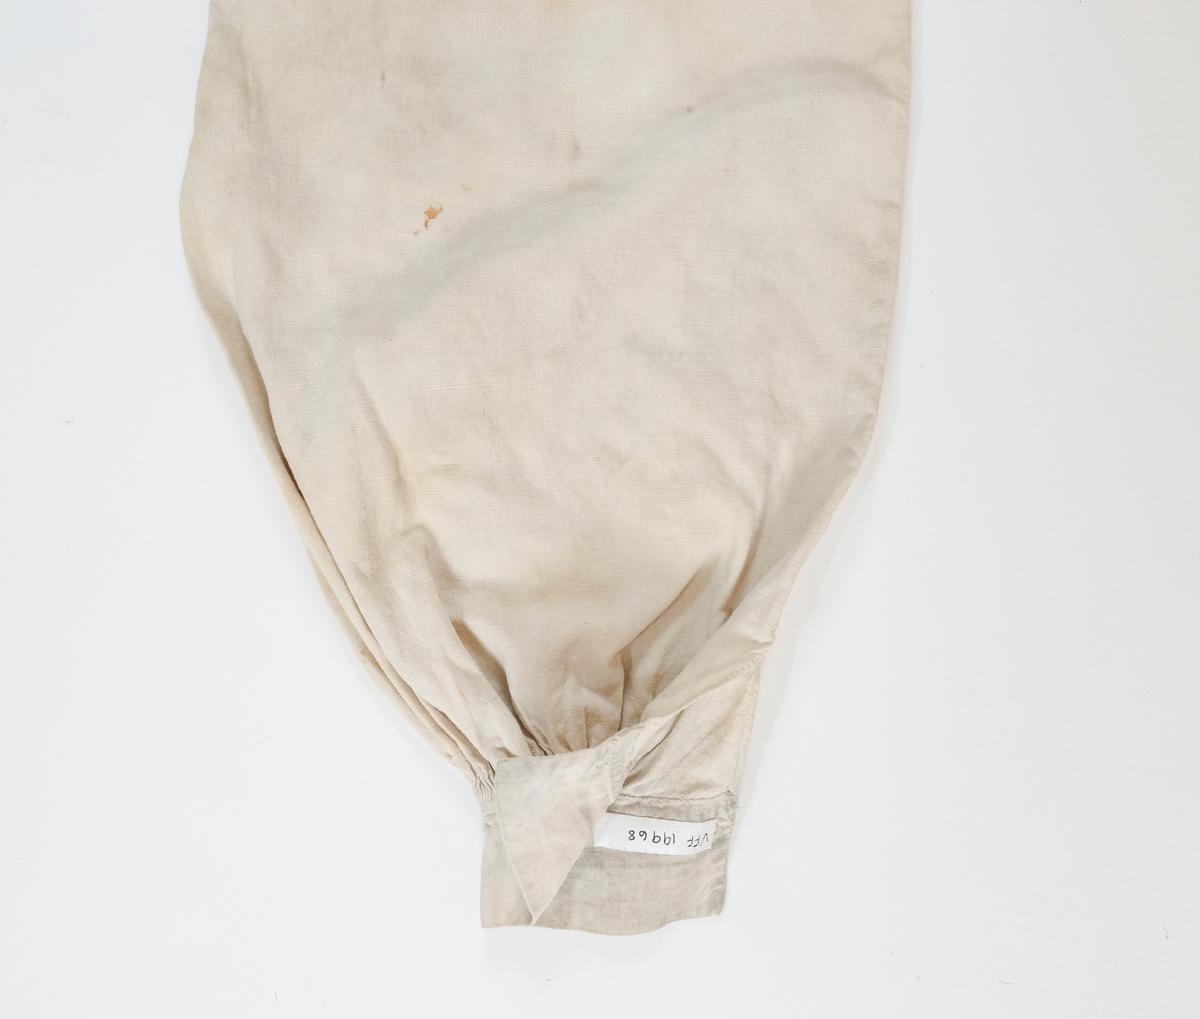 Del av skjorte, erme. i ubleikt lin. Små legg, 3-4 mm, øverst på erme, striper ved ermlinninga. Knapp (kvit, del i to) og knappehol. Handsydd.